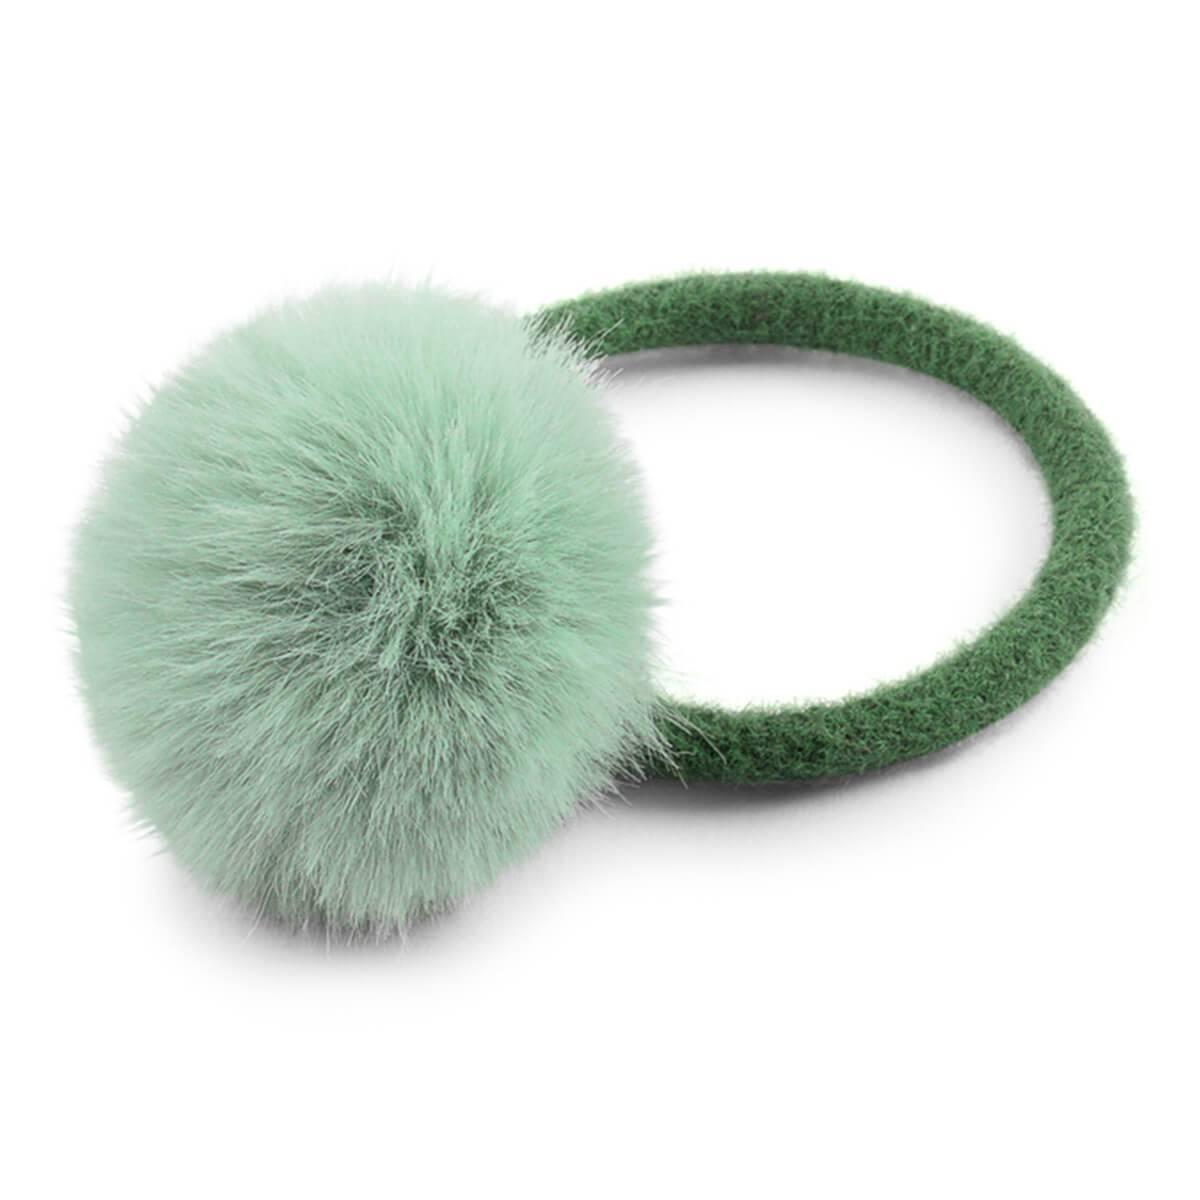 Lillelam hårstrikk med dusk- sjøgrønn